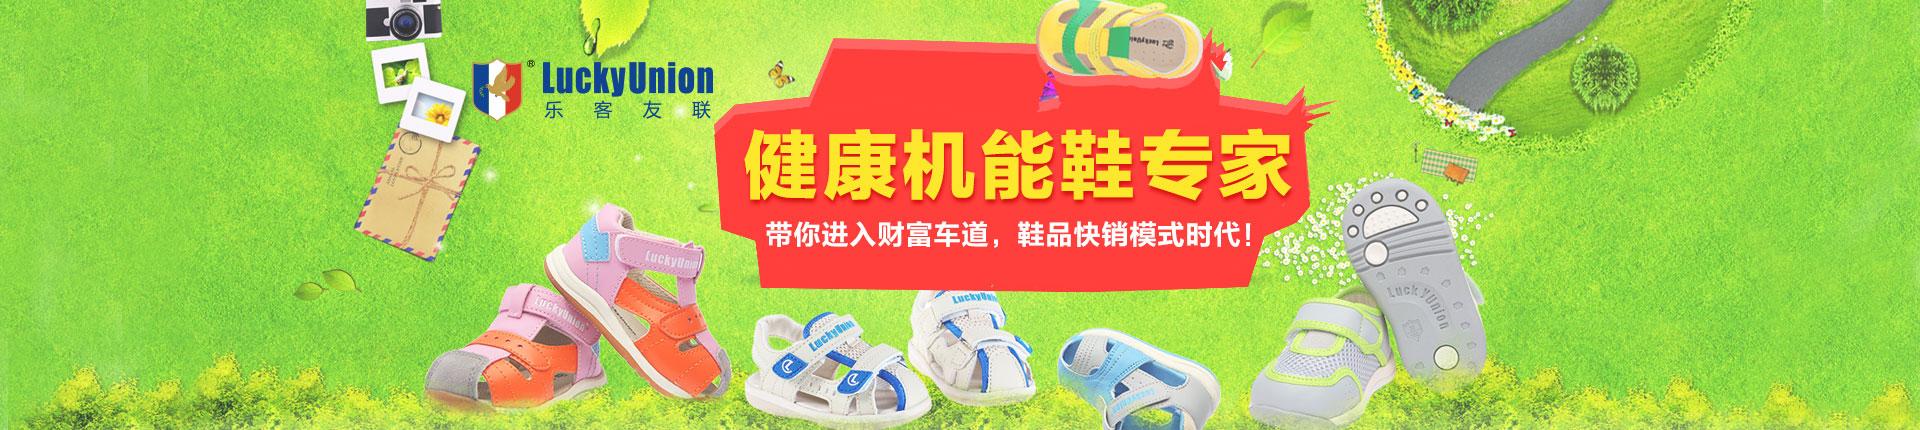 乐客友联官方网站